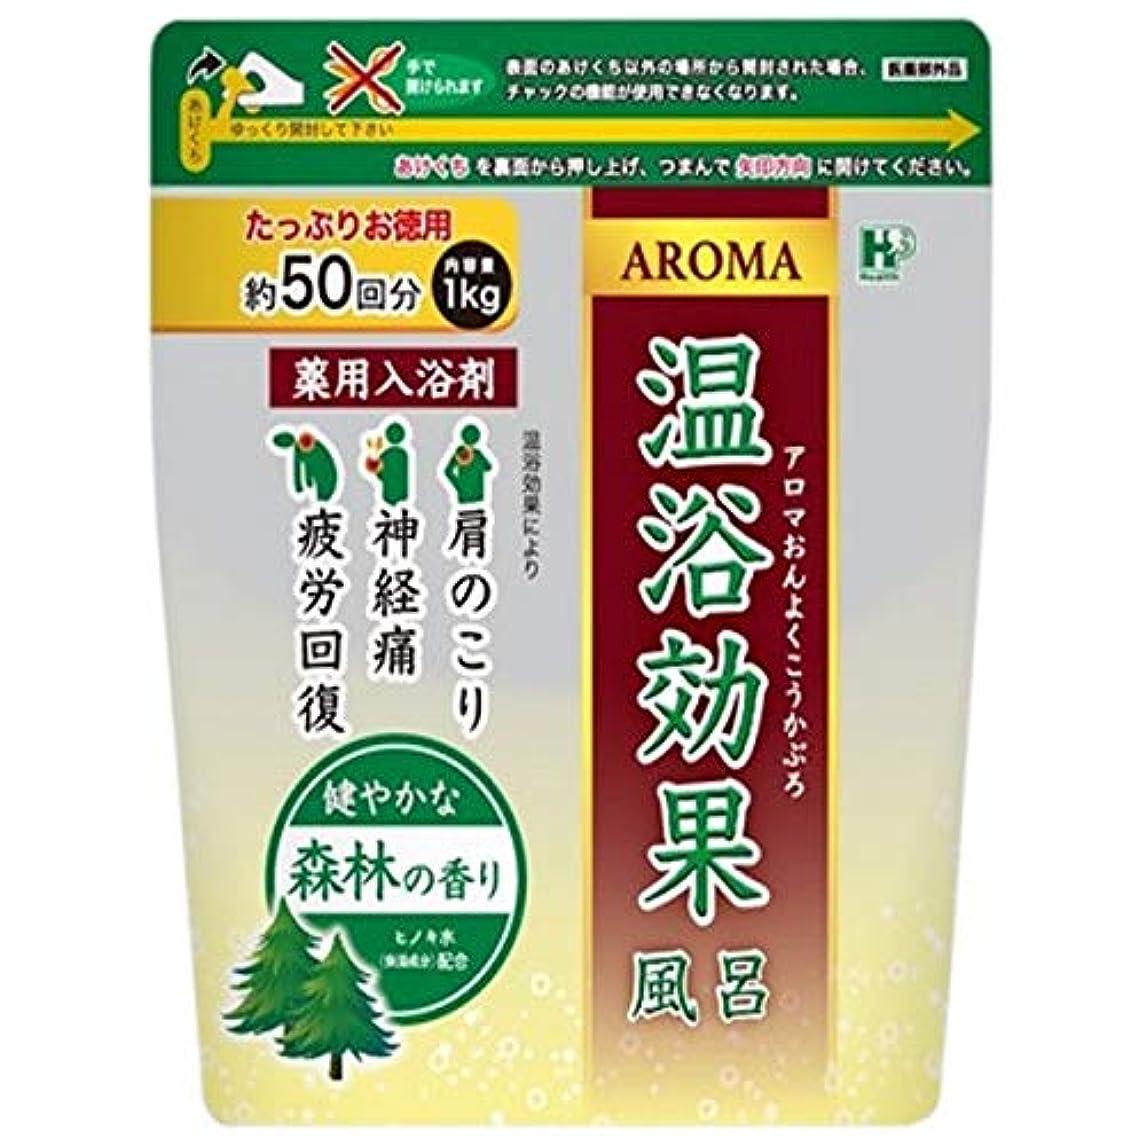 パノラマ排出それる薬用入浴剤 アロマ温浴効果風呂 森林 1kg×10袋入